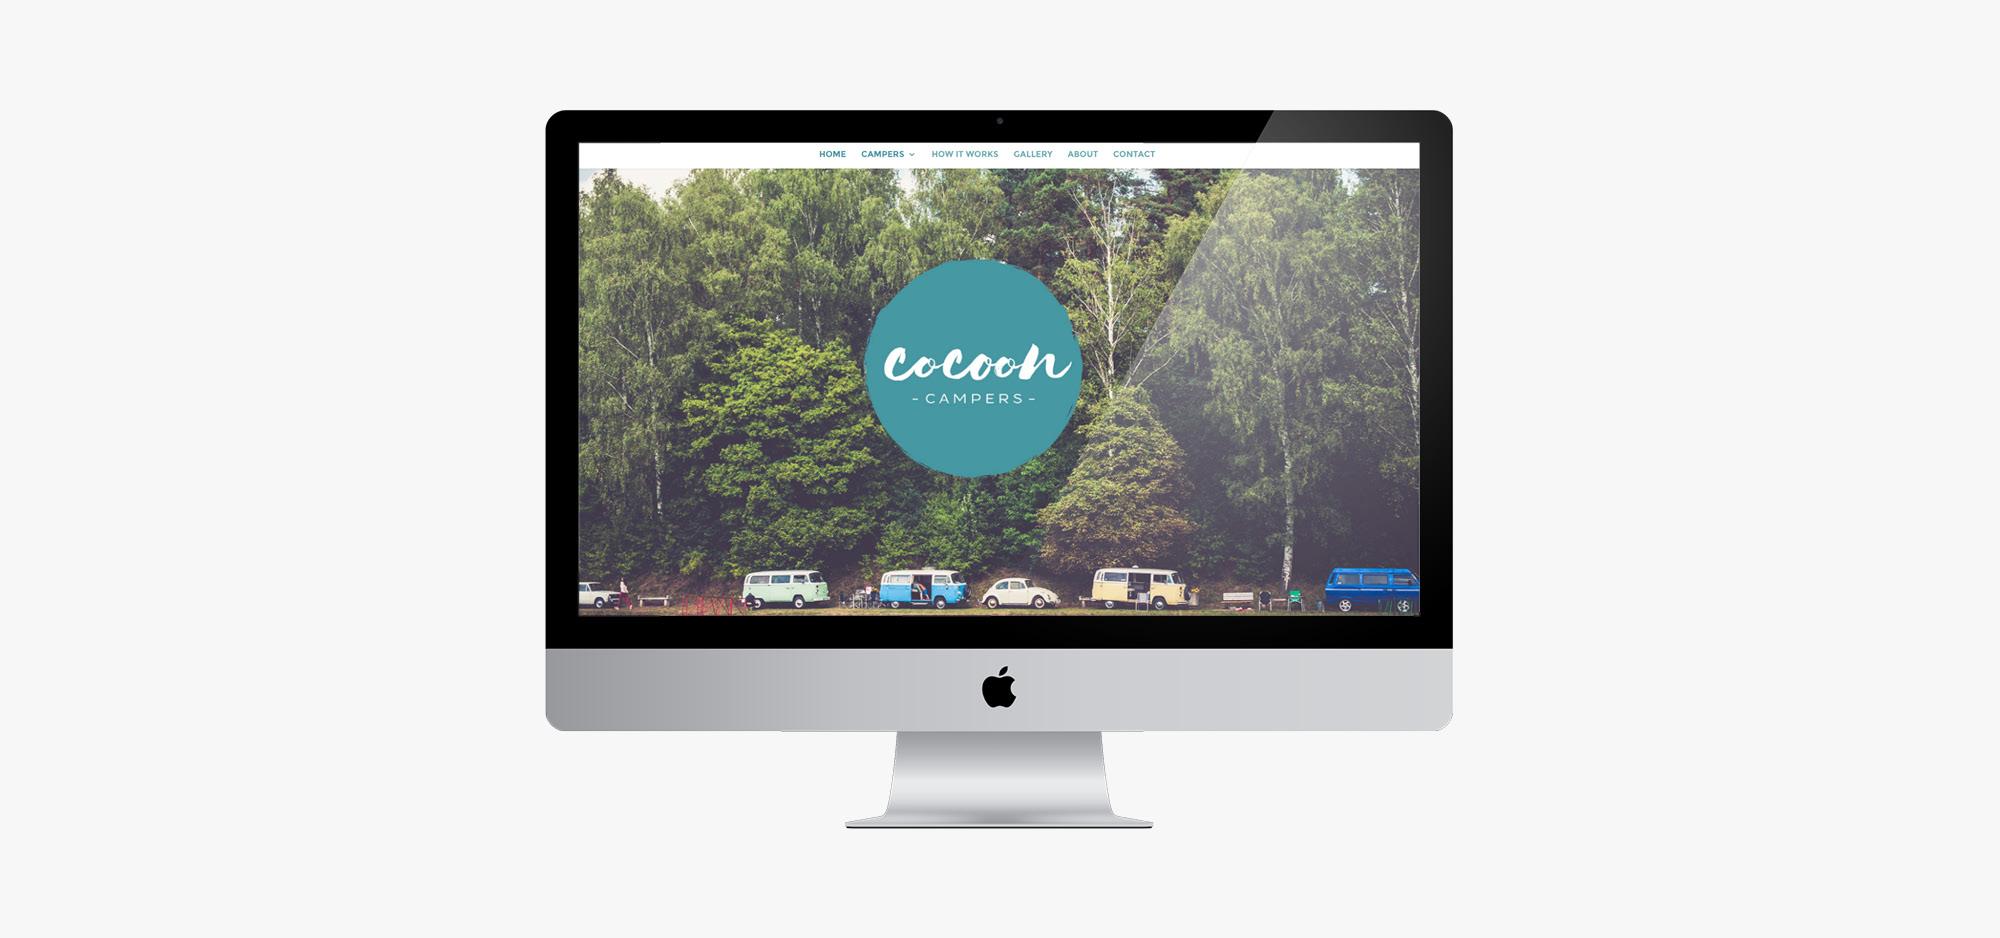 website_design_mornington_cocoon-campers2